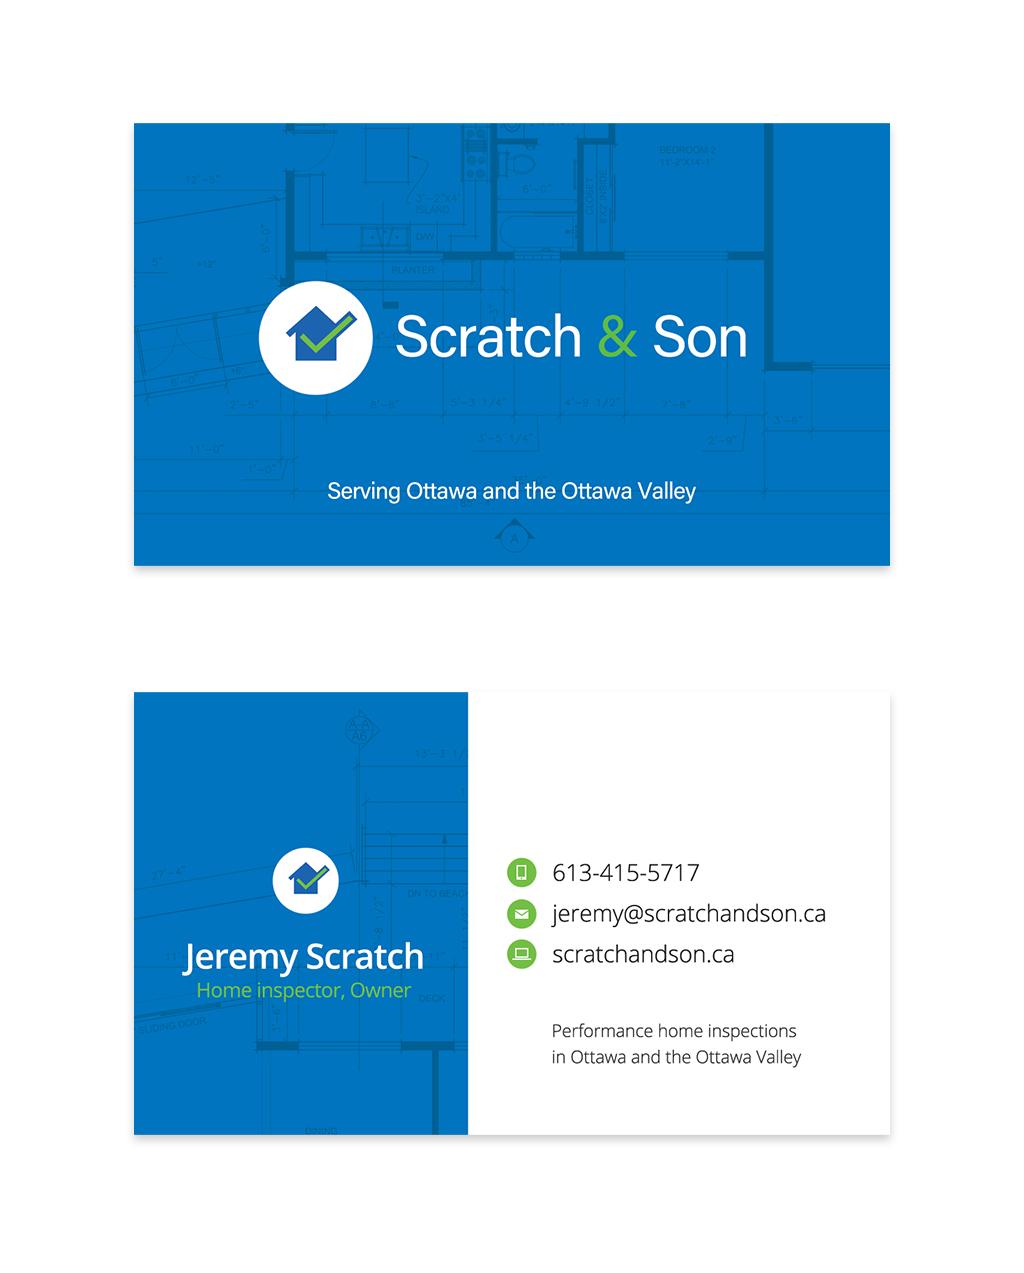 Scratch & Son